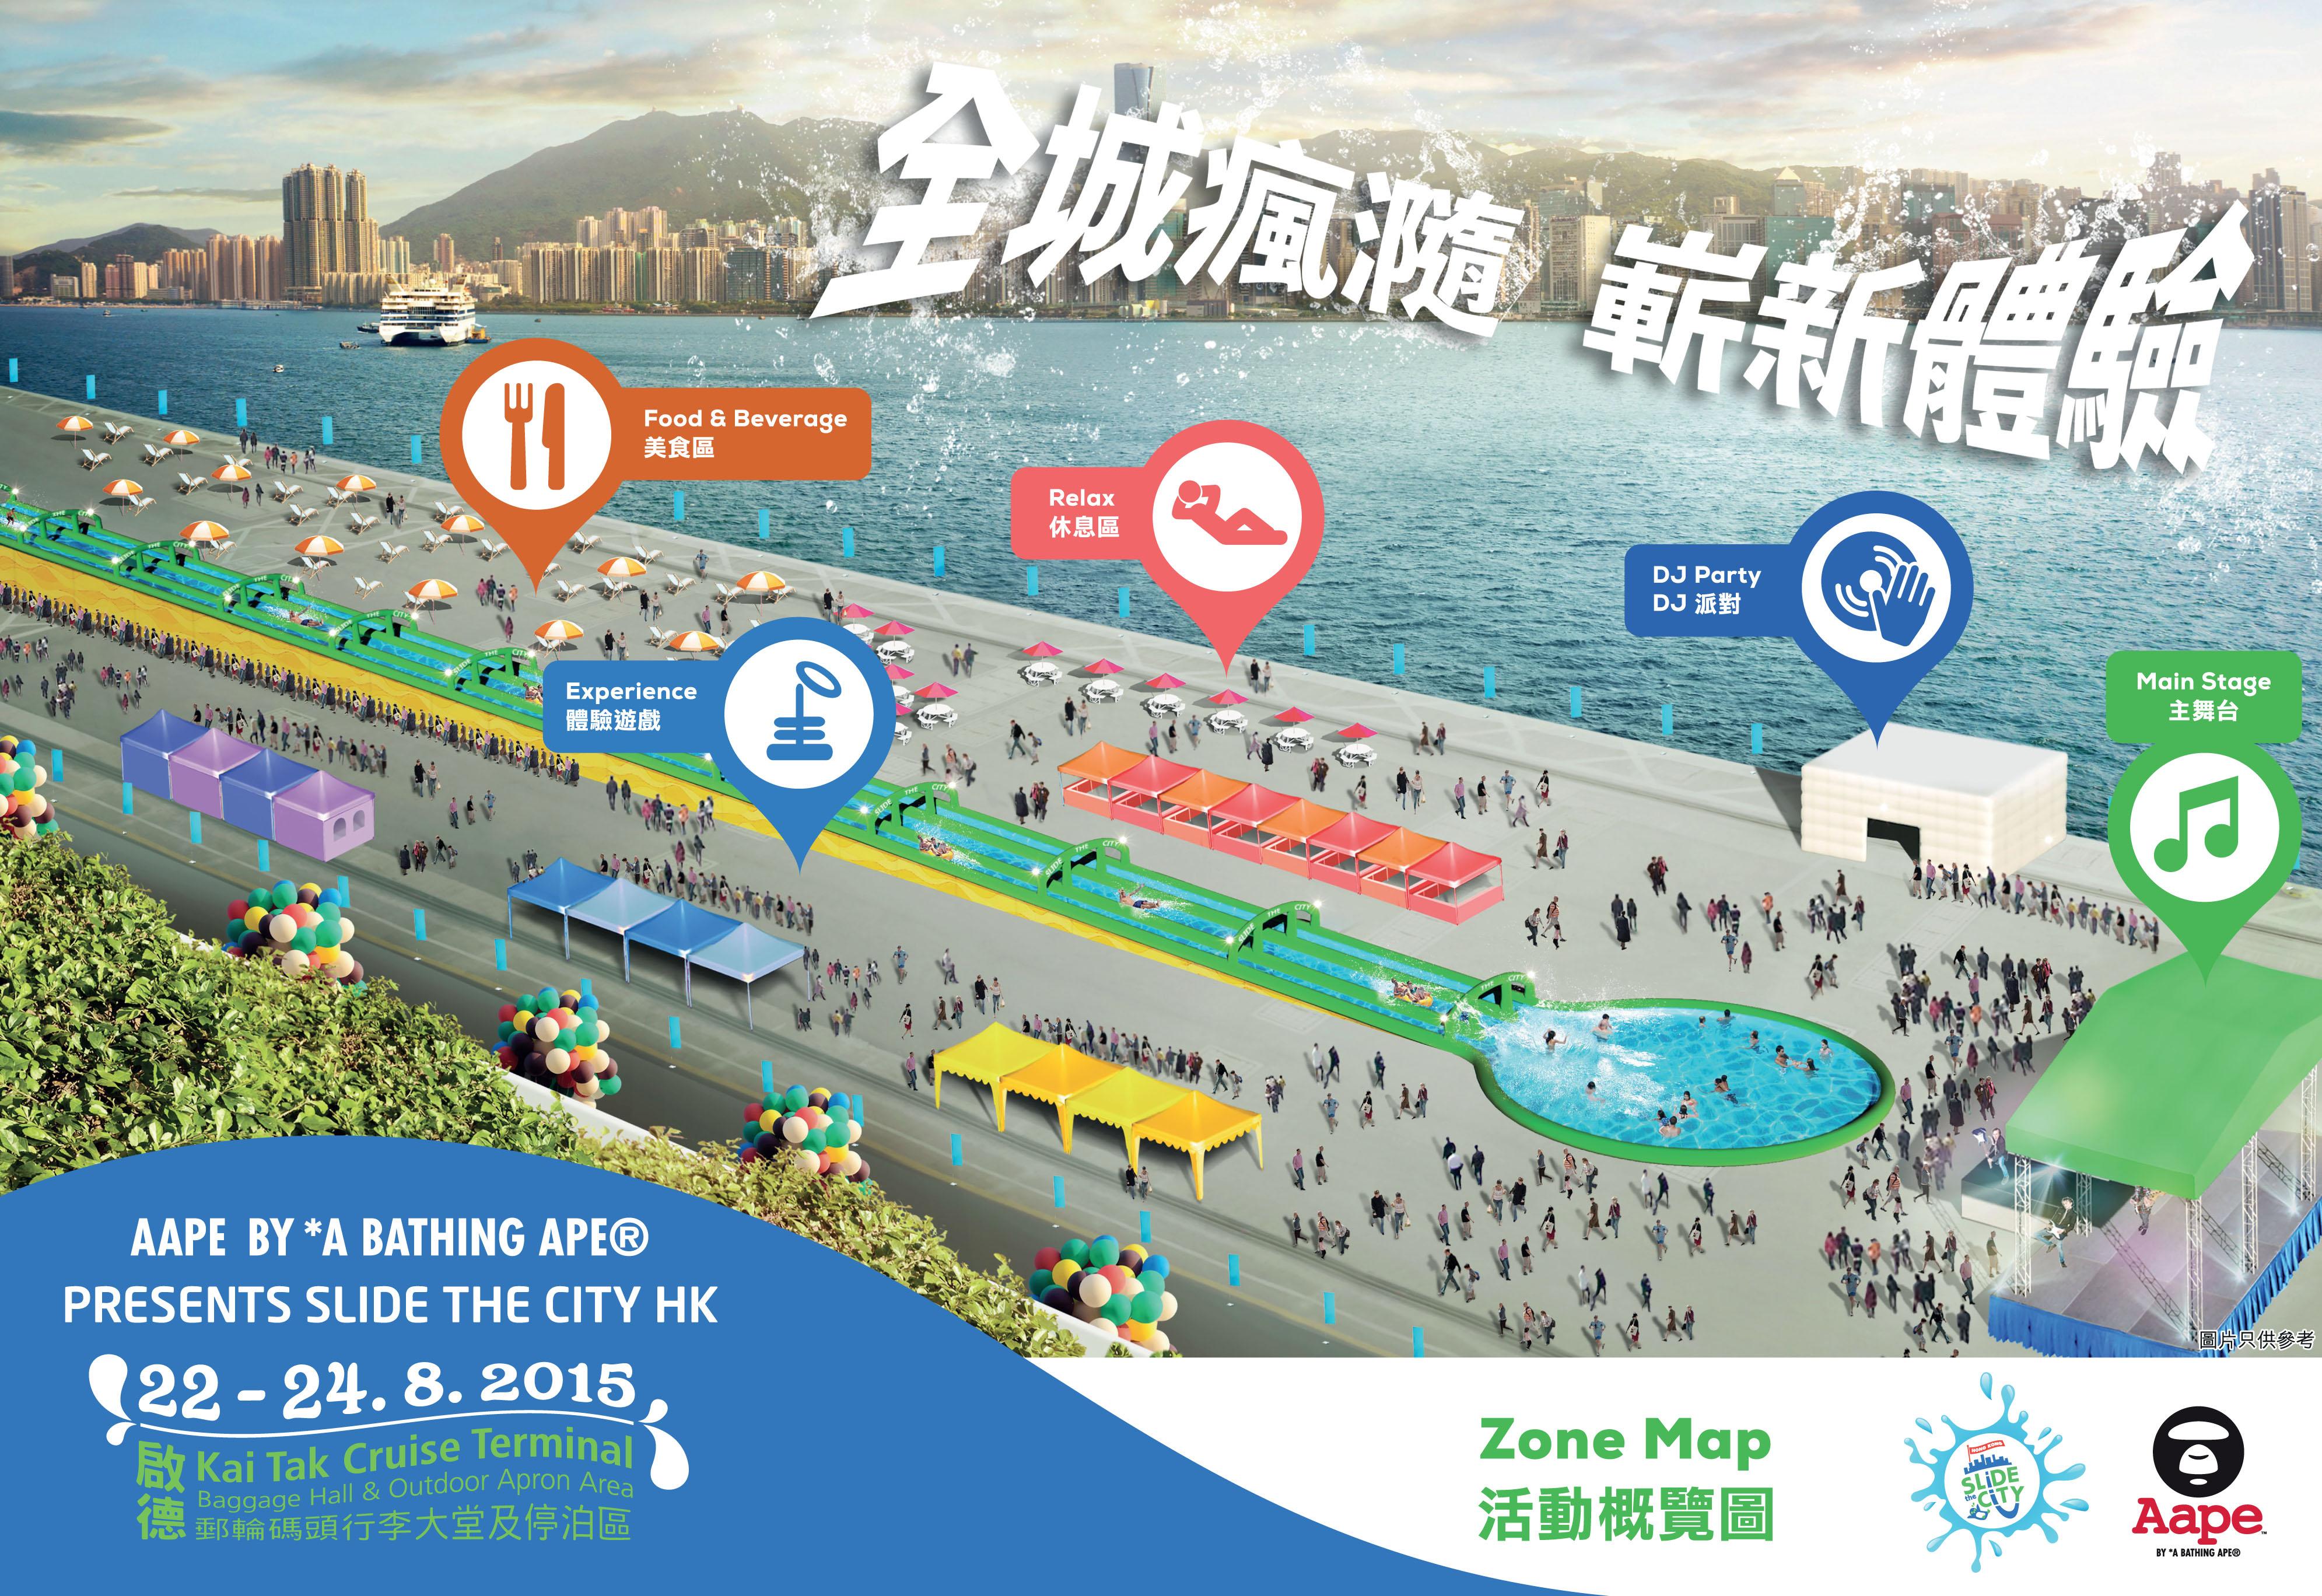 300米水滑梯「 Sir」 足 1 分鐘!Slide The City HK 登陸香港 + 正式收費表